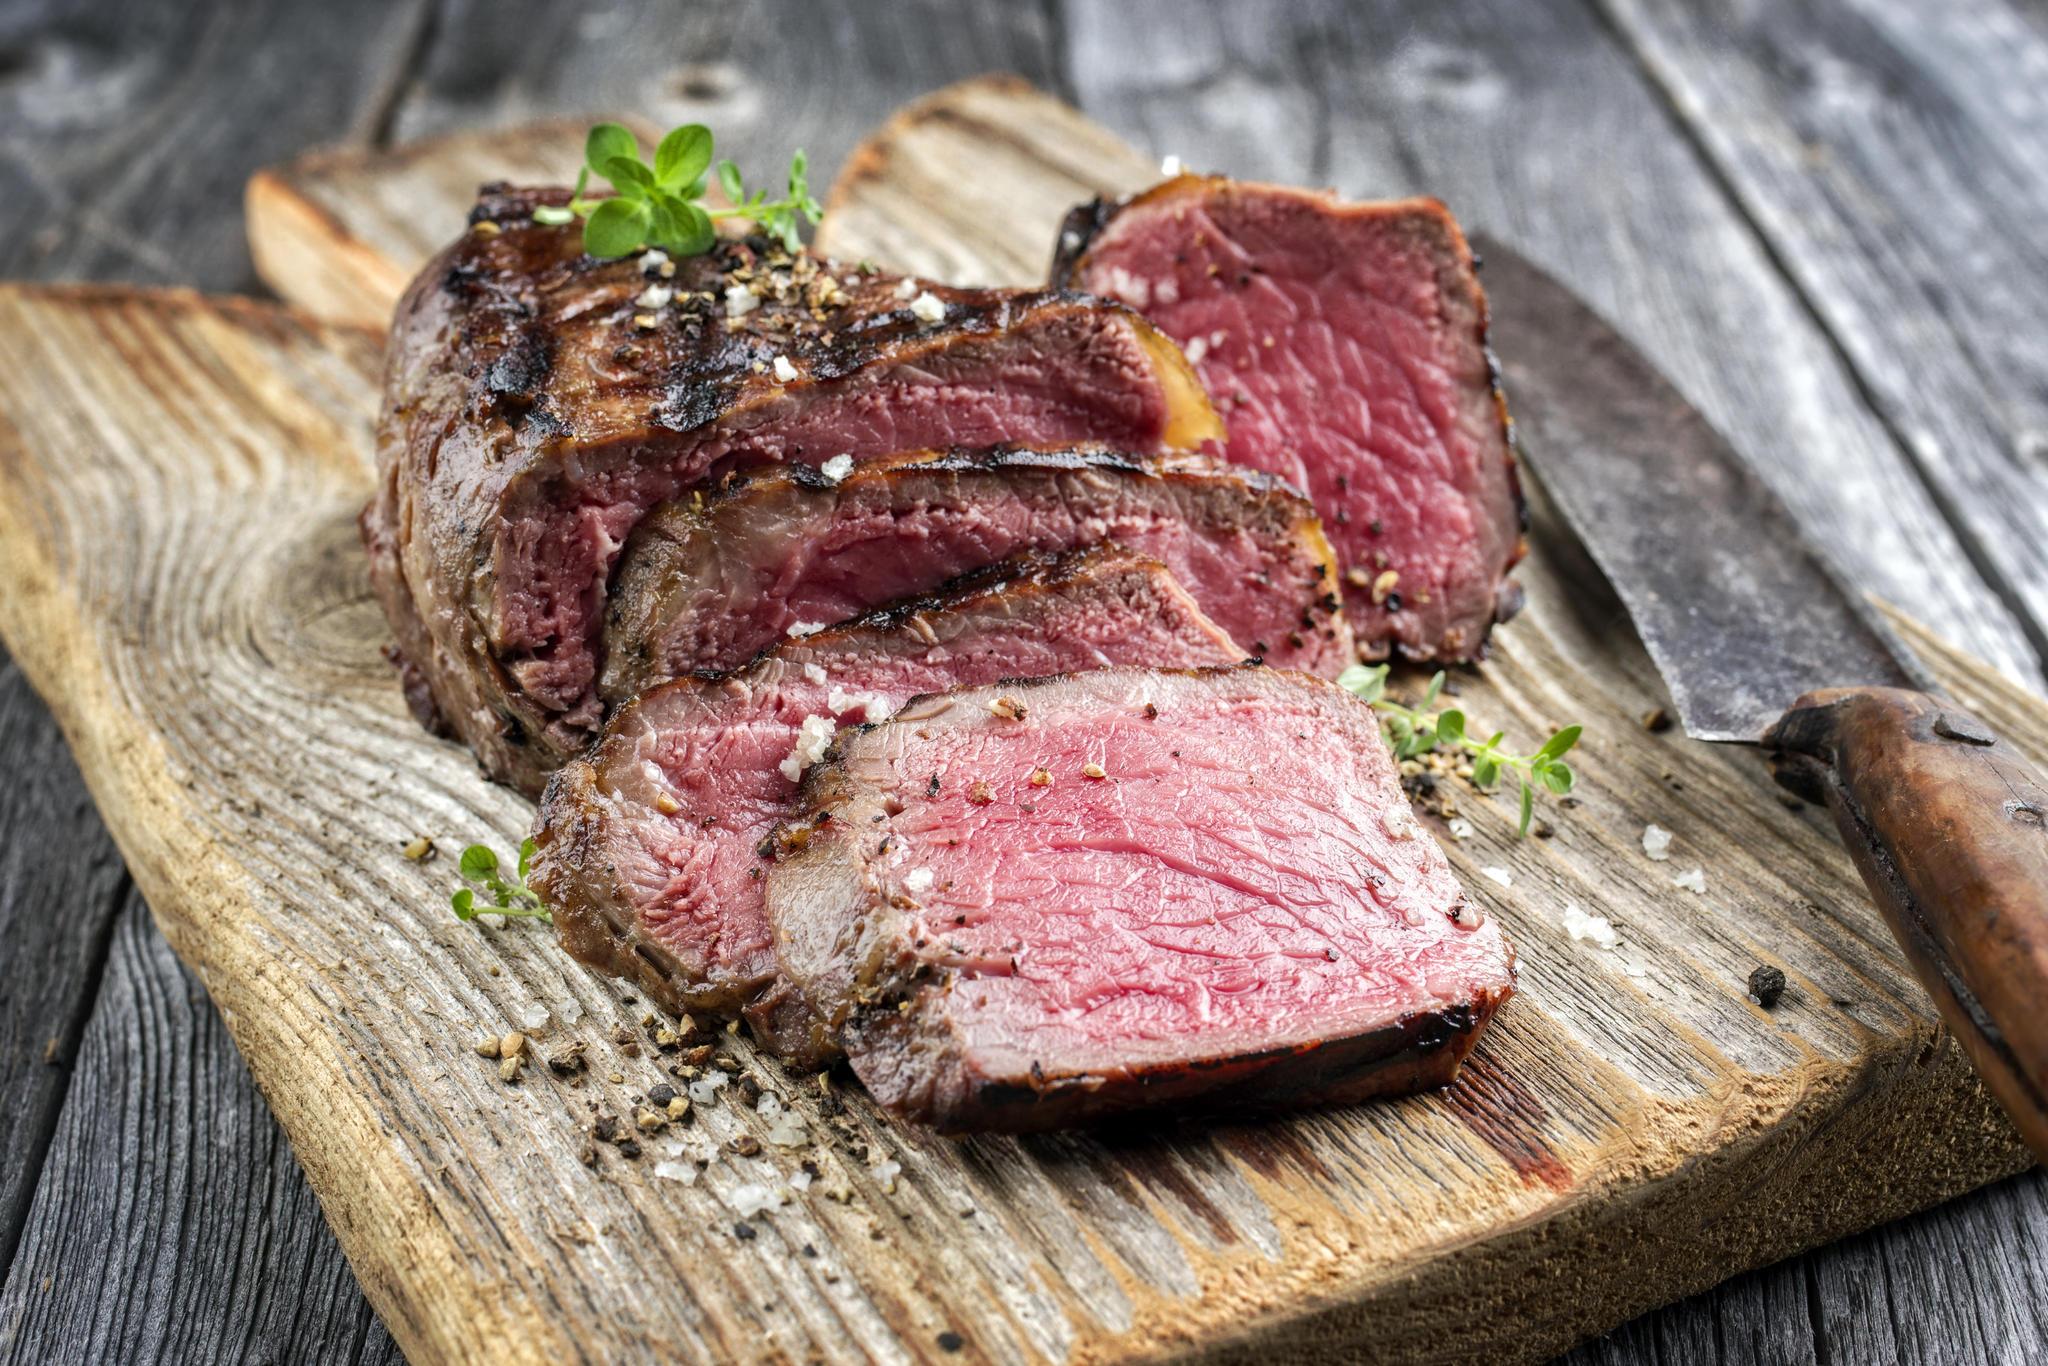 Rindfleisch-grillen-Das-solltet-ihr-beachten